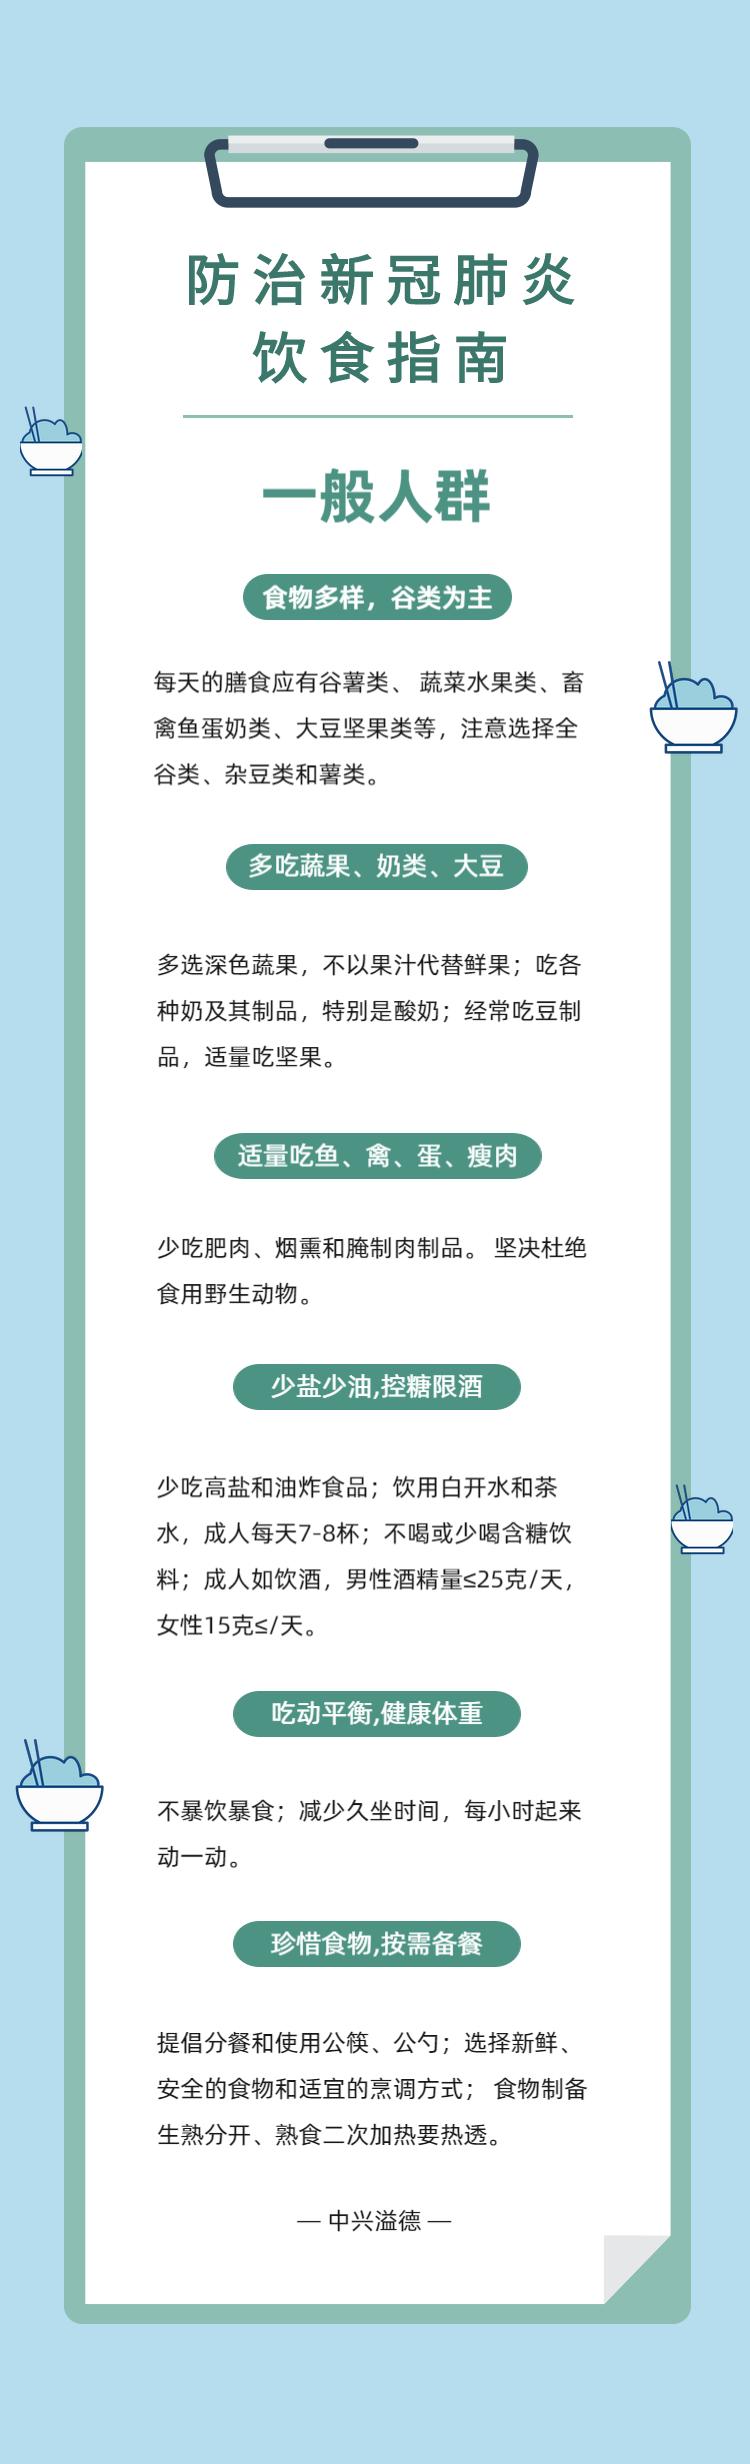 防治新冠肺炎饮食指南-2